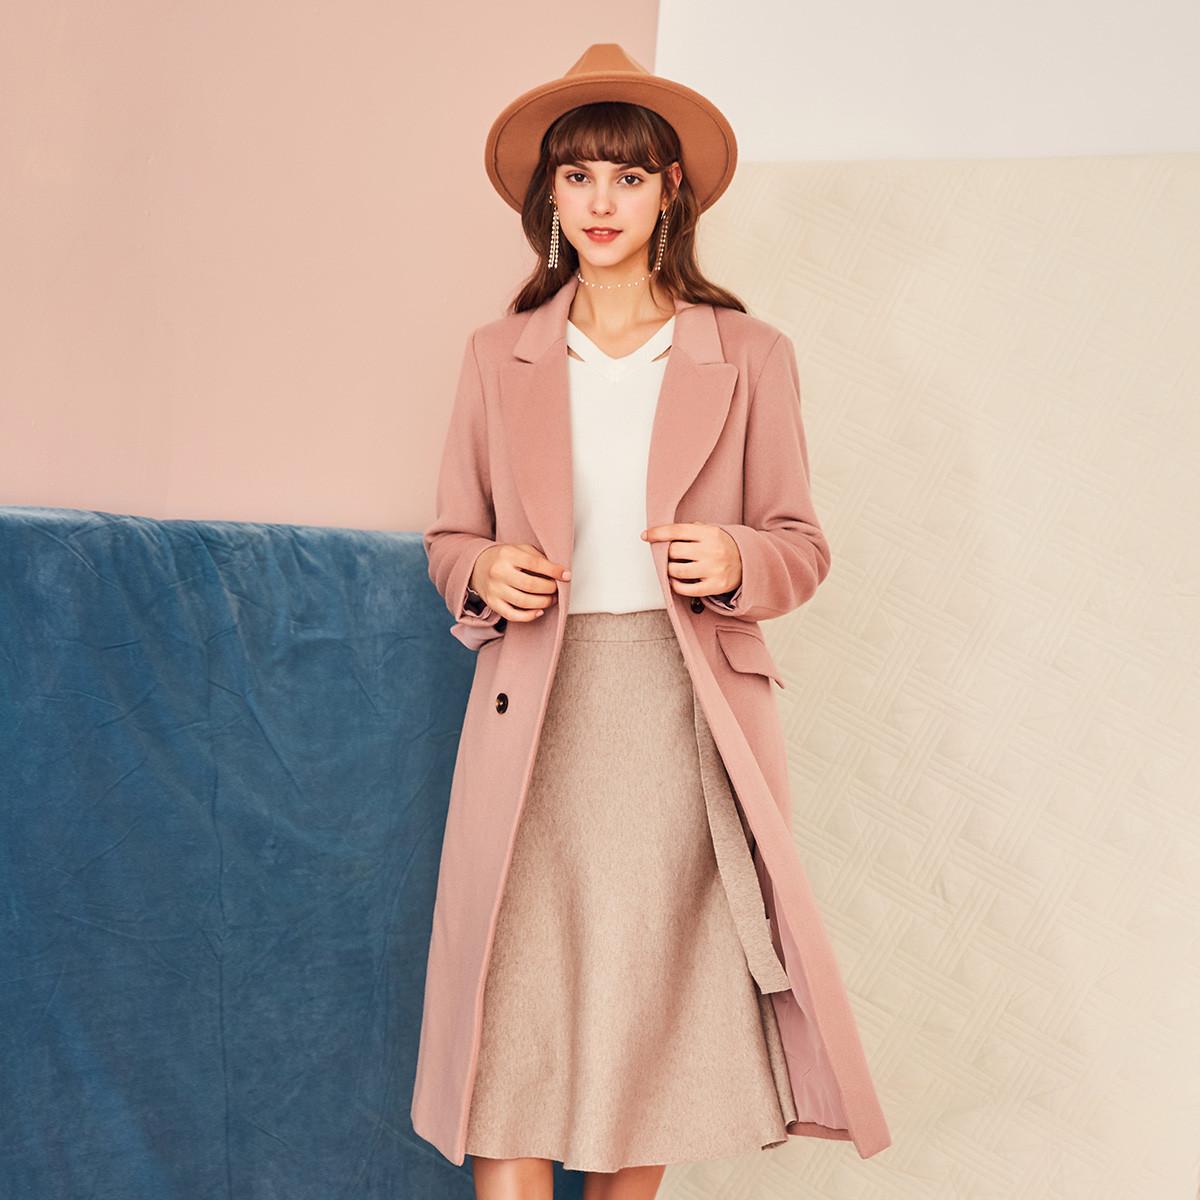 女装加盟品牌:Gemanting戈蔓婷女装市场潜力无可限量